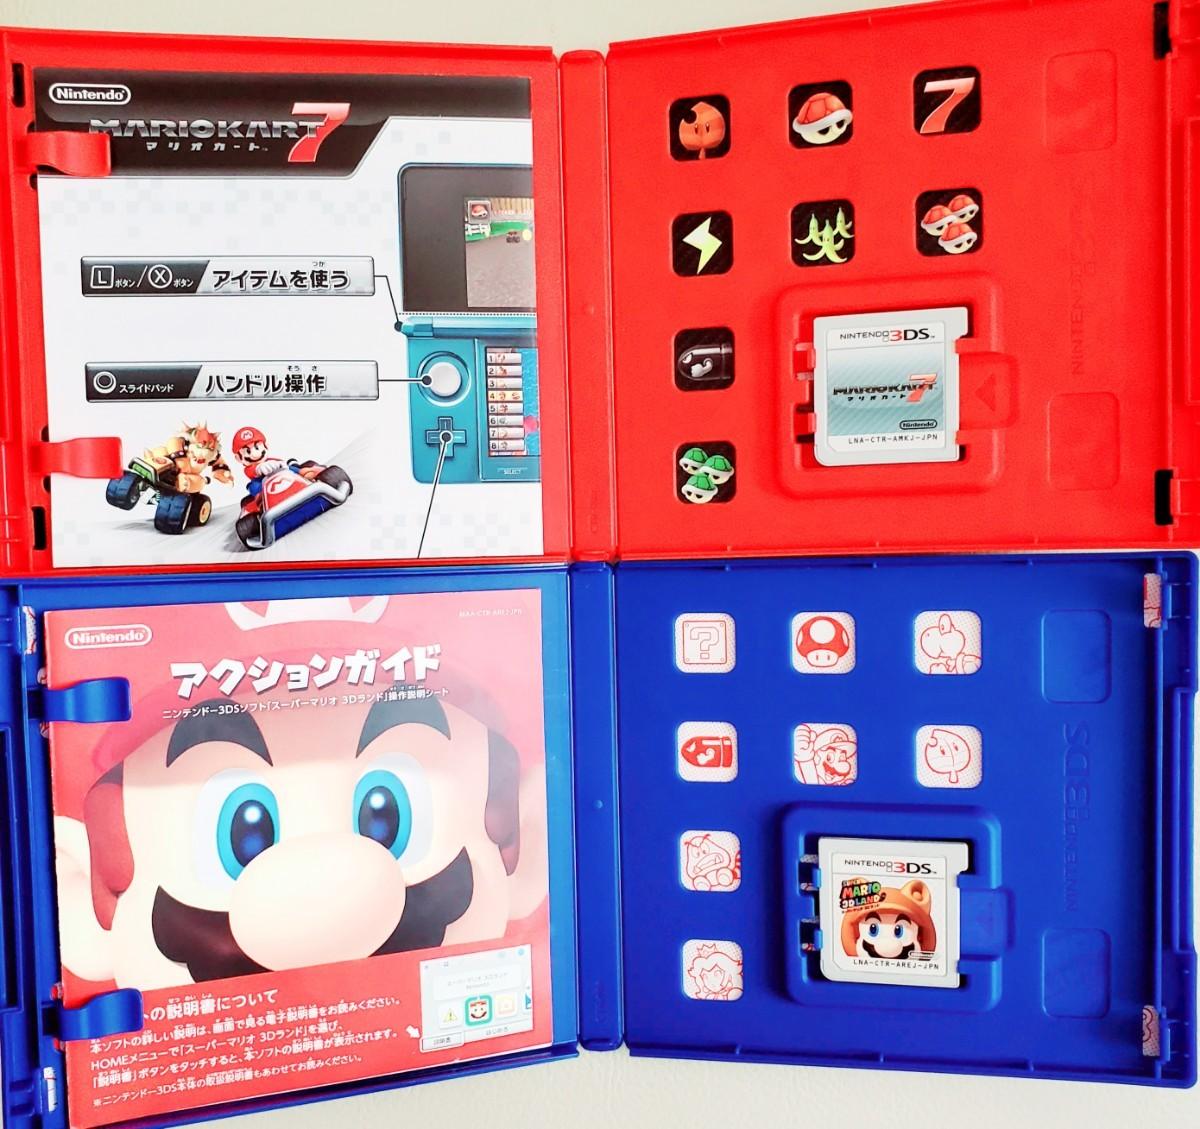 マリオカート、 ニュースーパーマリオブラザーズ2、ルイージマンション、 スーパーマリオ3Dランド ニンテンドー 3DS